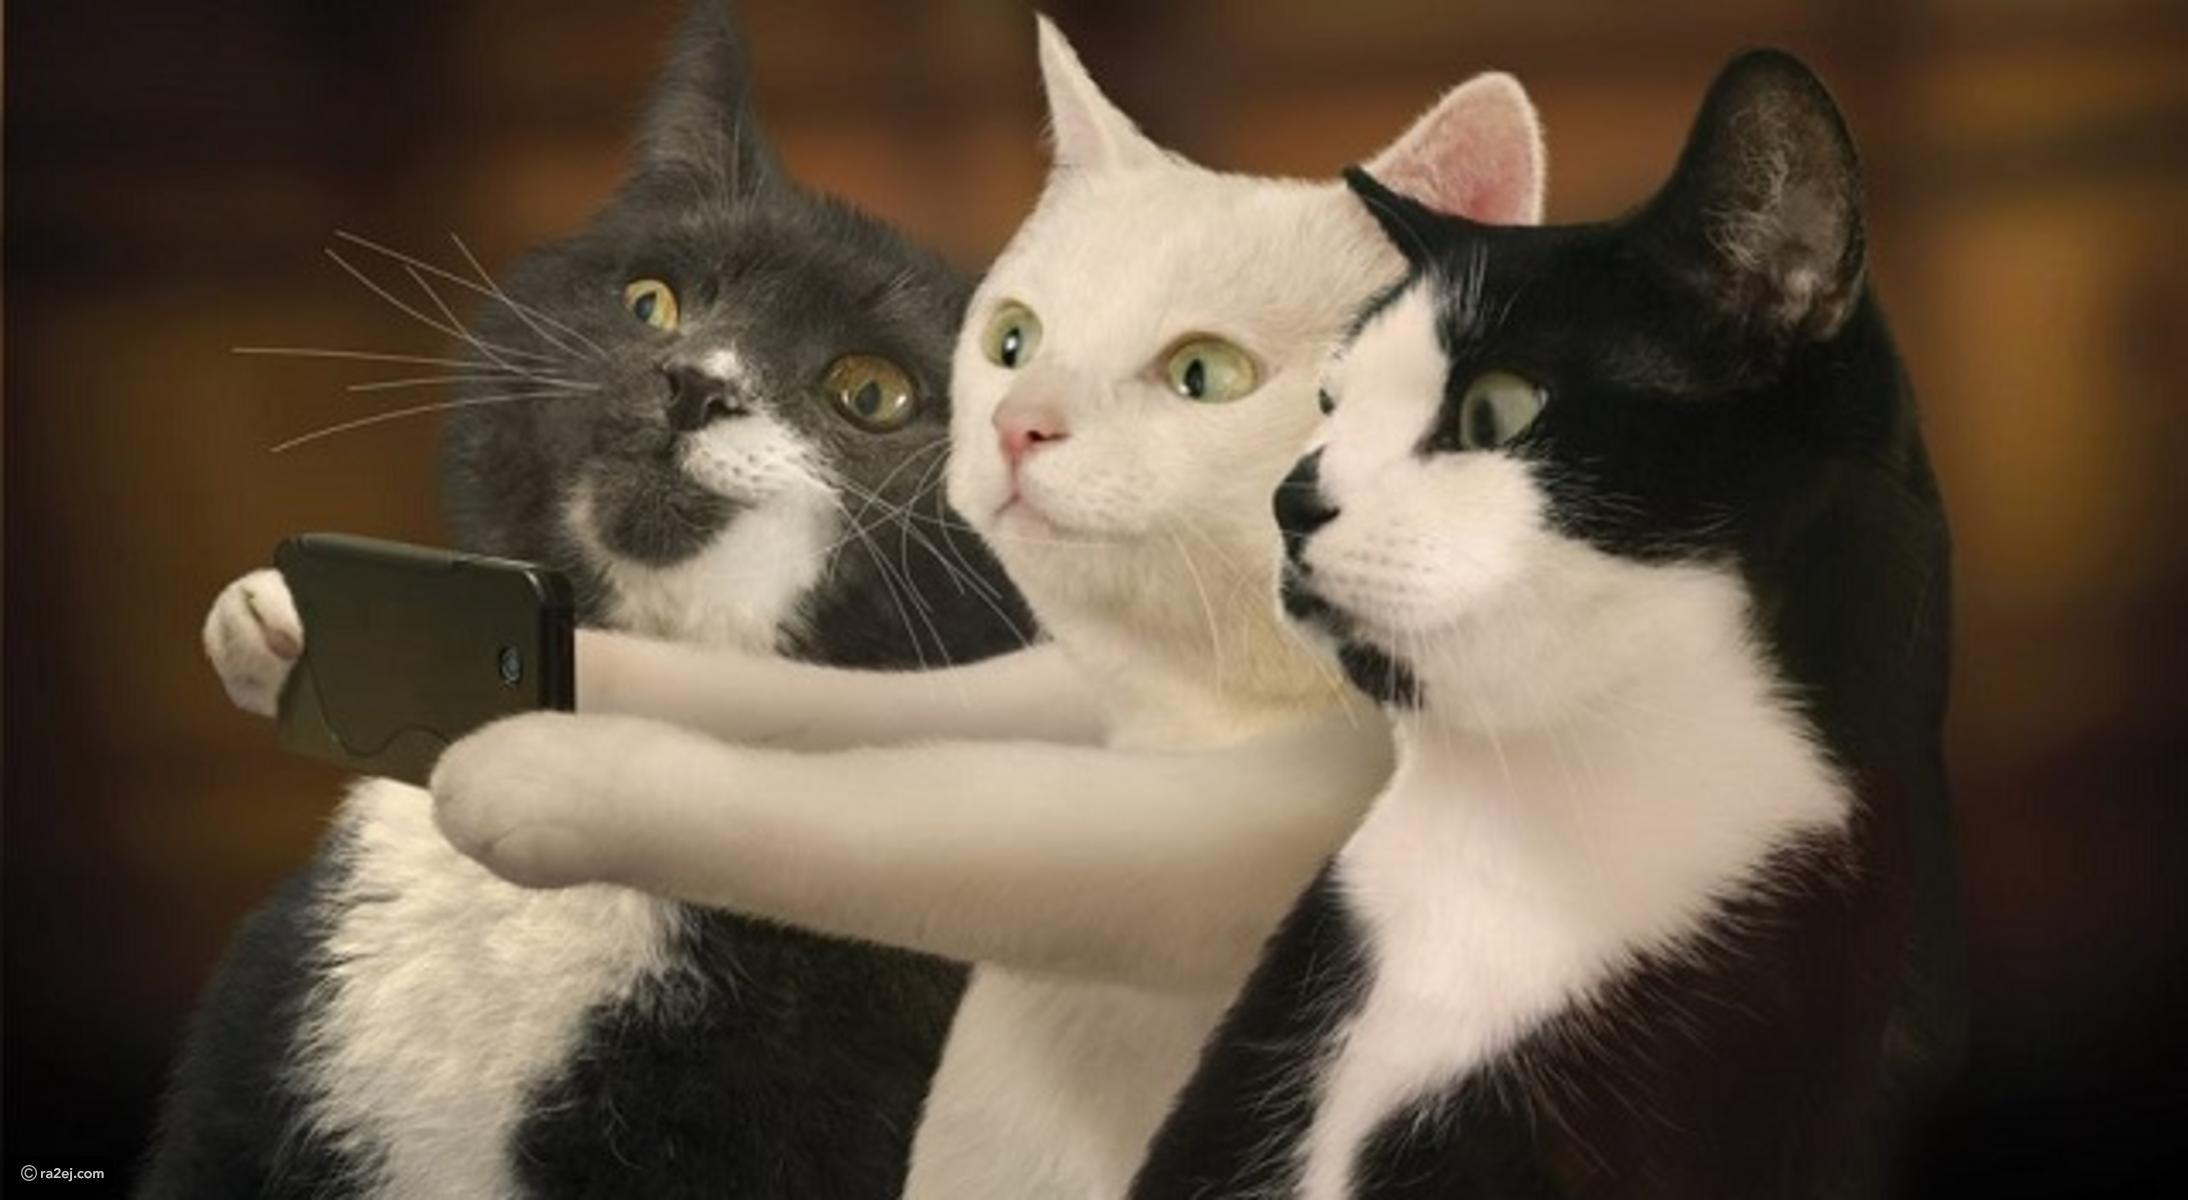 بالصور اجمل الصور للقطط في العالم , احلي صور قطط 6581 10